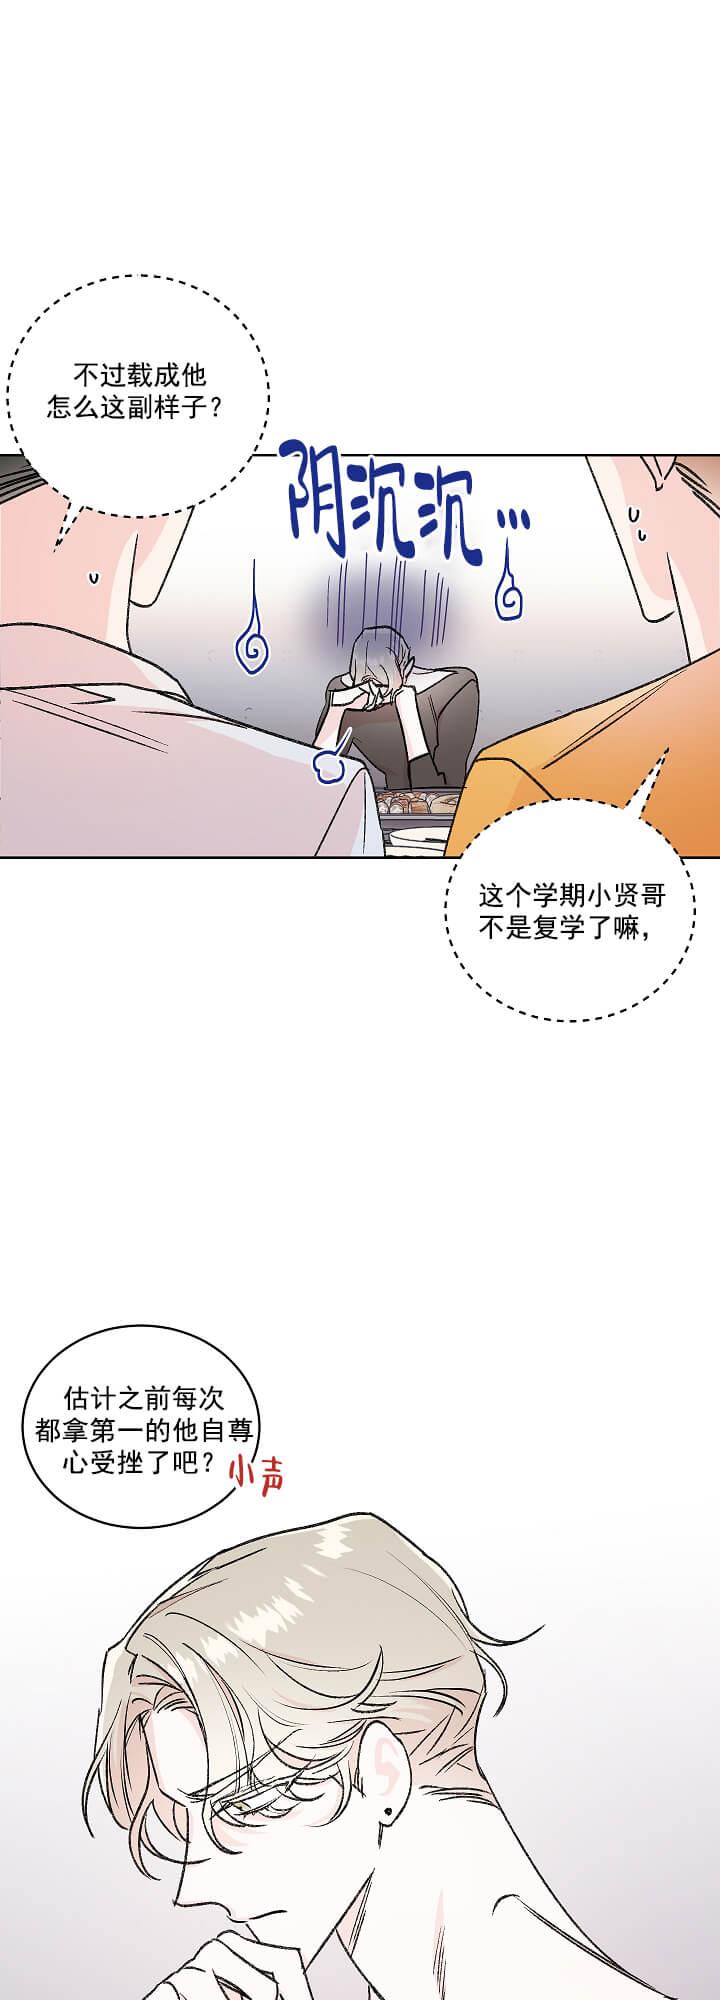 韩漫 | 《秘密疗法》永远的第一名之第二名的逆袭  第12张